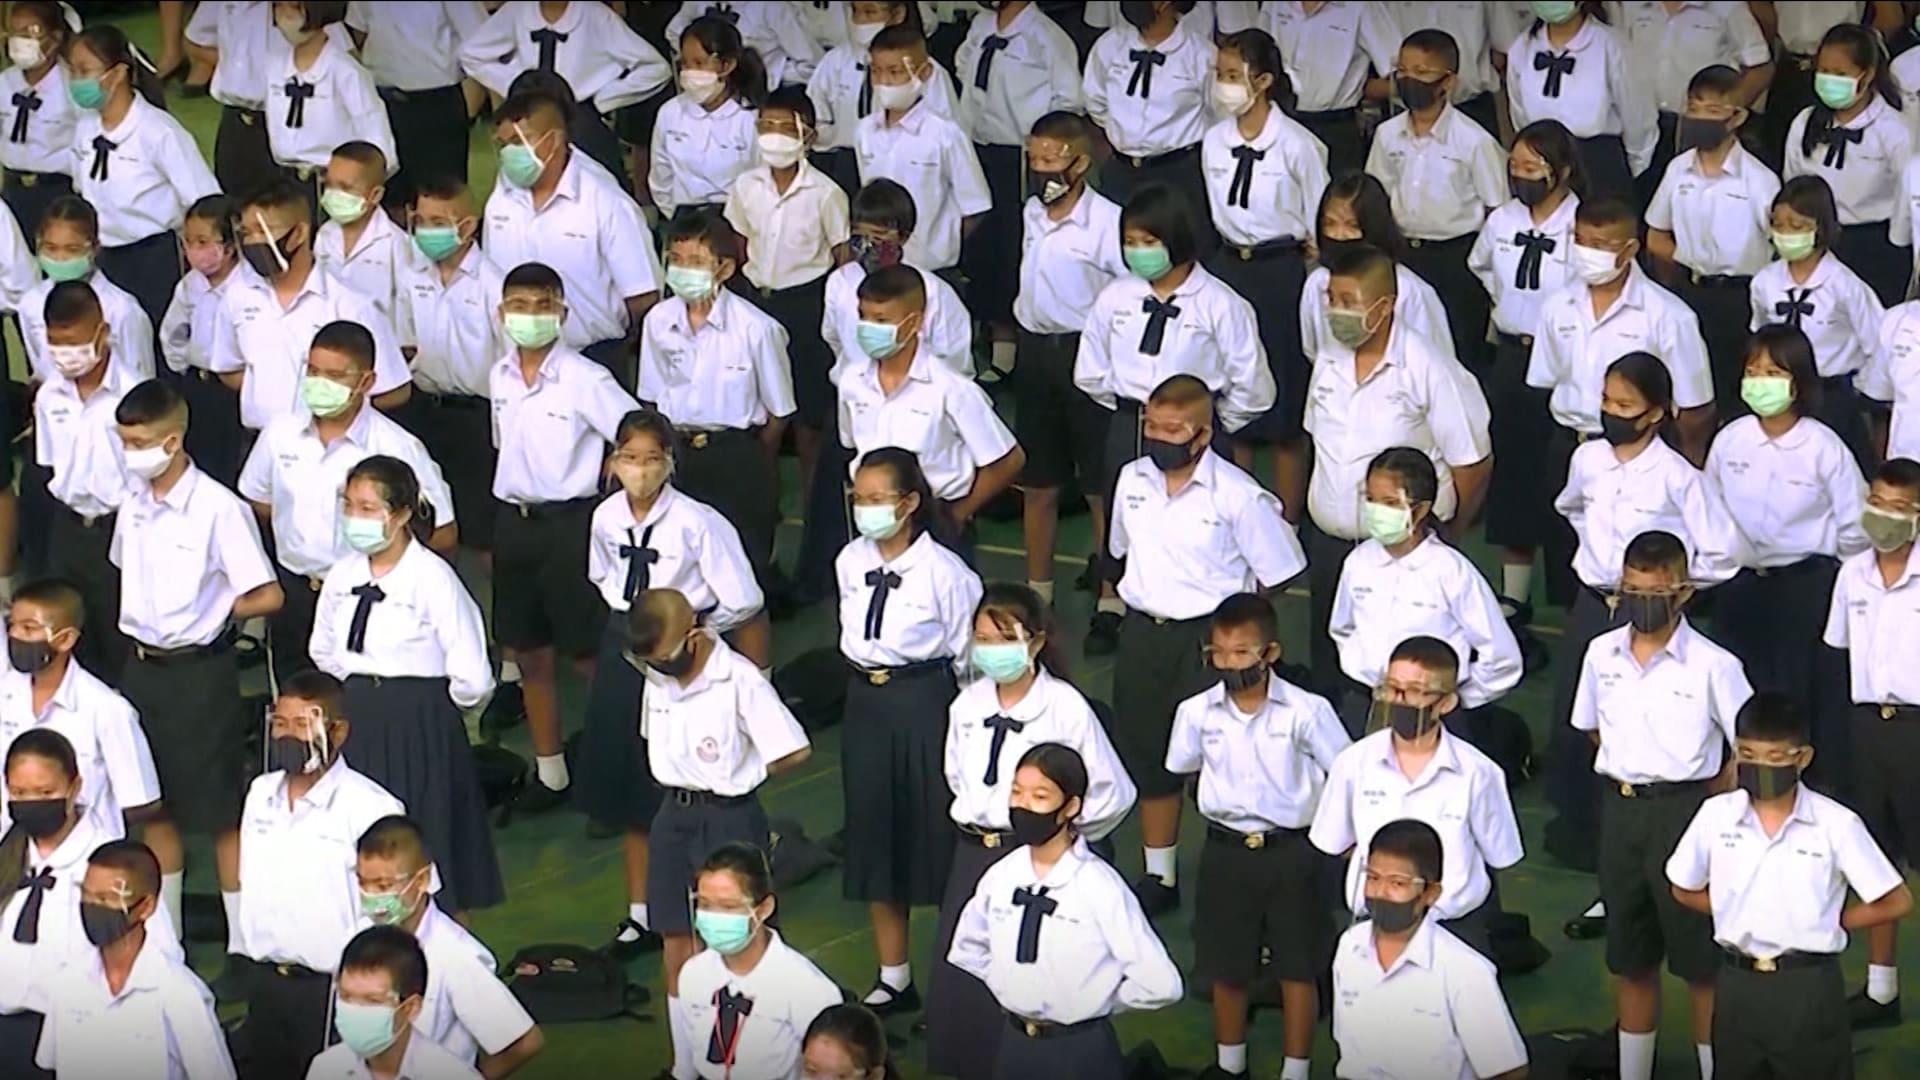 التعليم في وقت فيروس كورونا.. ما هي الإجراءات التي تتخذها المدارس لضمان سلامة الطلاب أثناء إعادة فتحها خلال هذه الأوقات؟